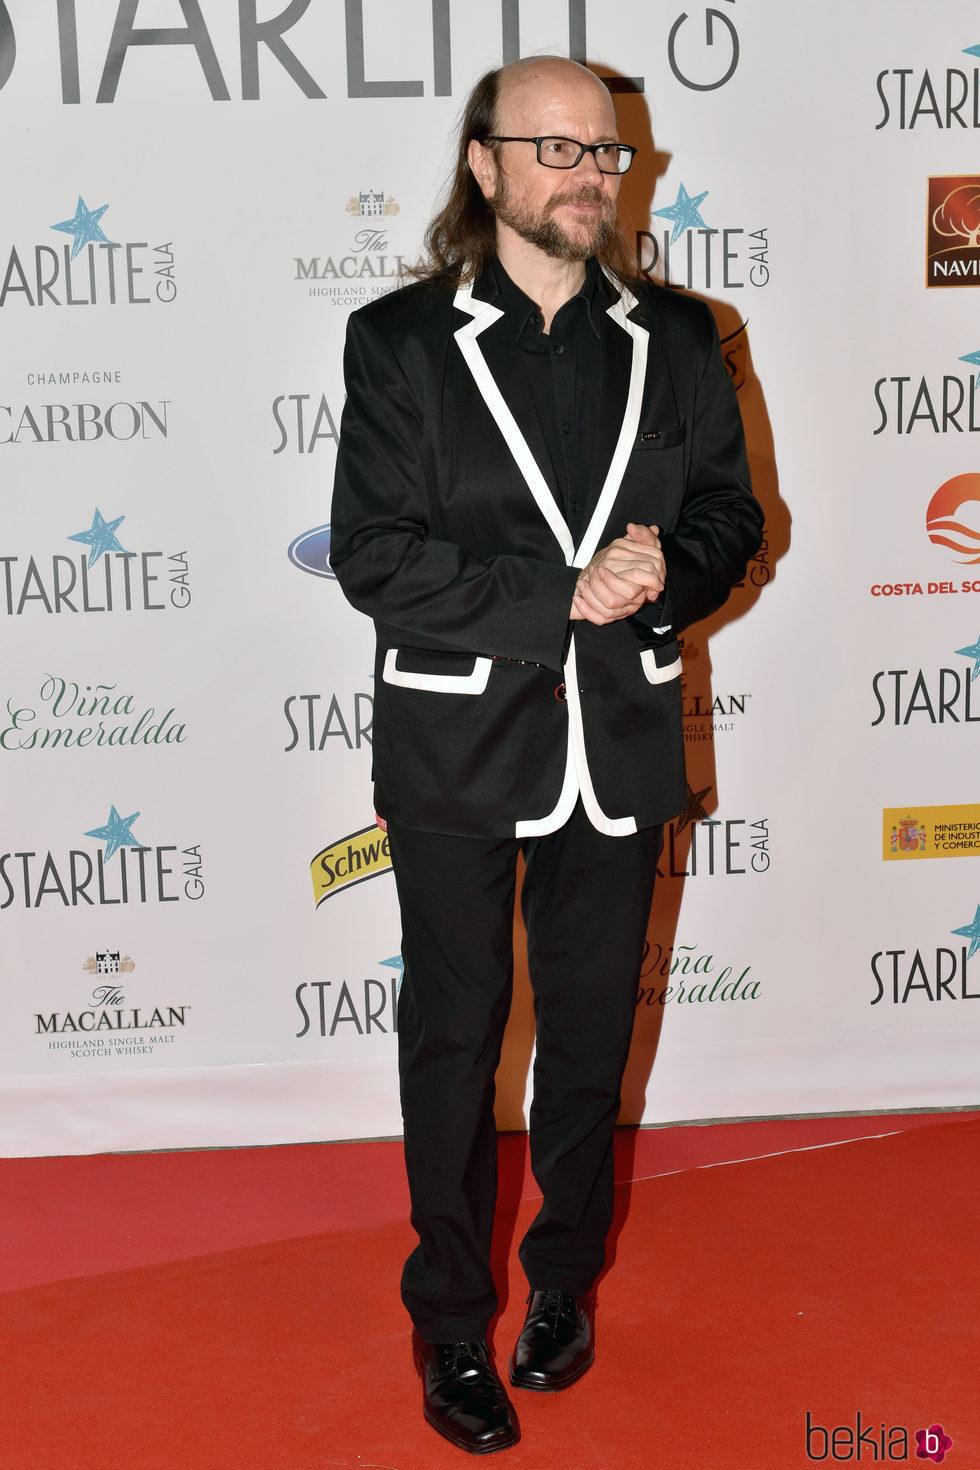 Santiago Segura en la Gala Starlite 2017 en Marbella